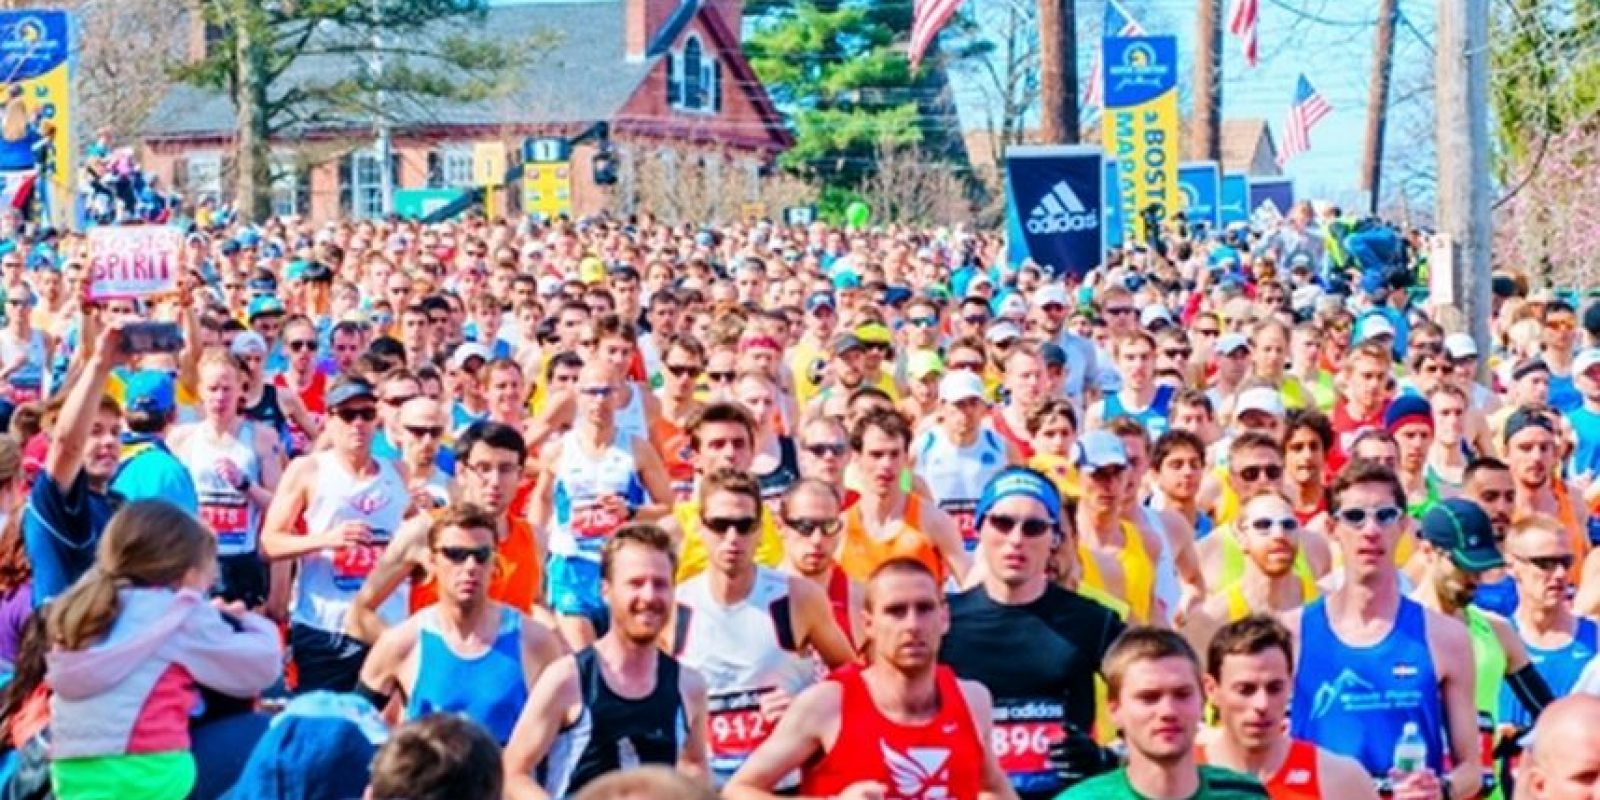 El Maratón de Bostón se celebra a mediados de abril Foto:Baa.org